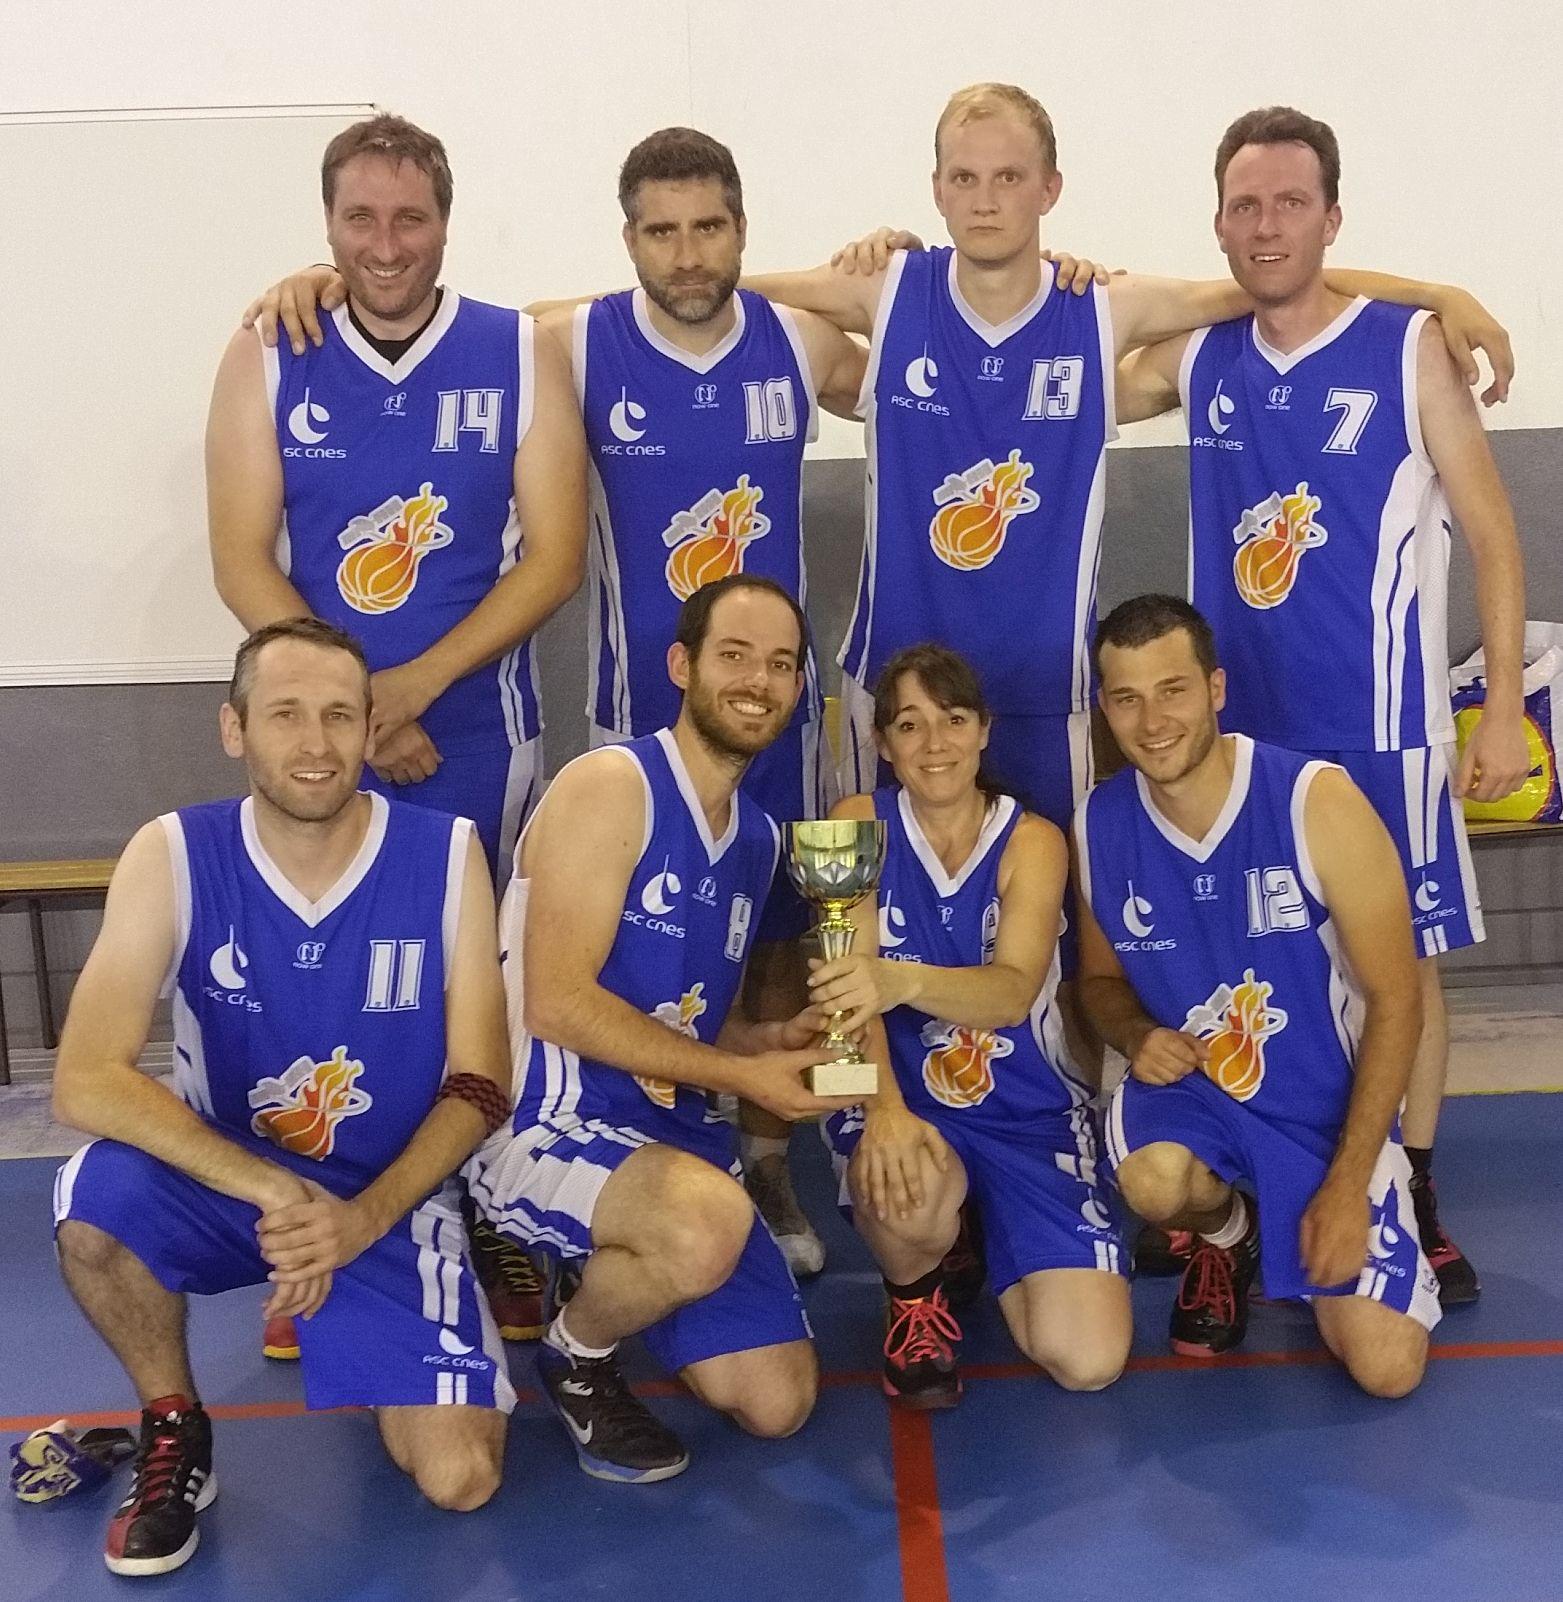 L'équipe CNES, vainqueur de la coupe de Printemps 2015